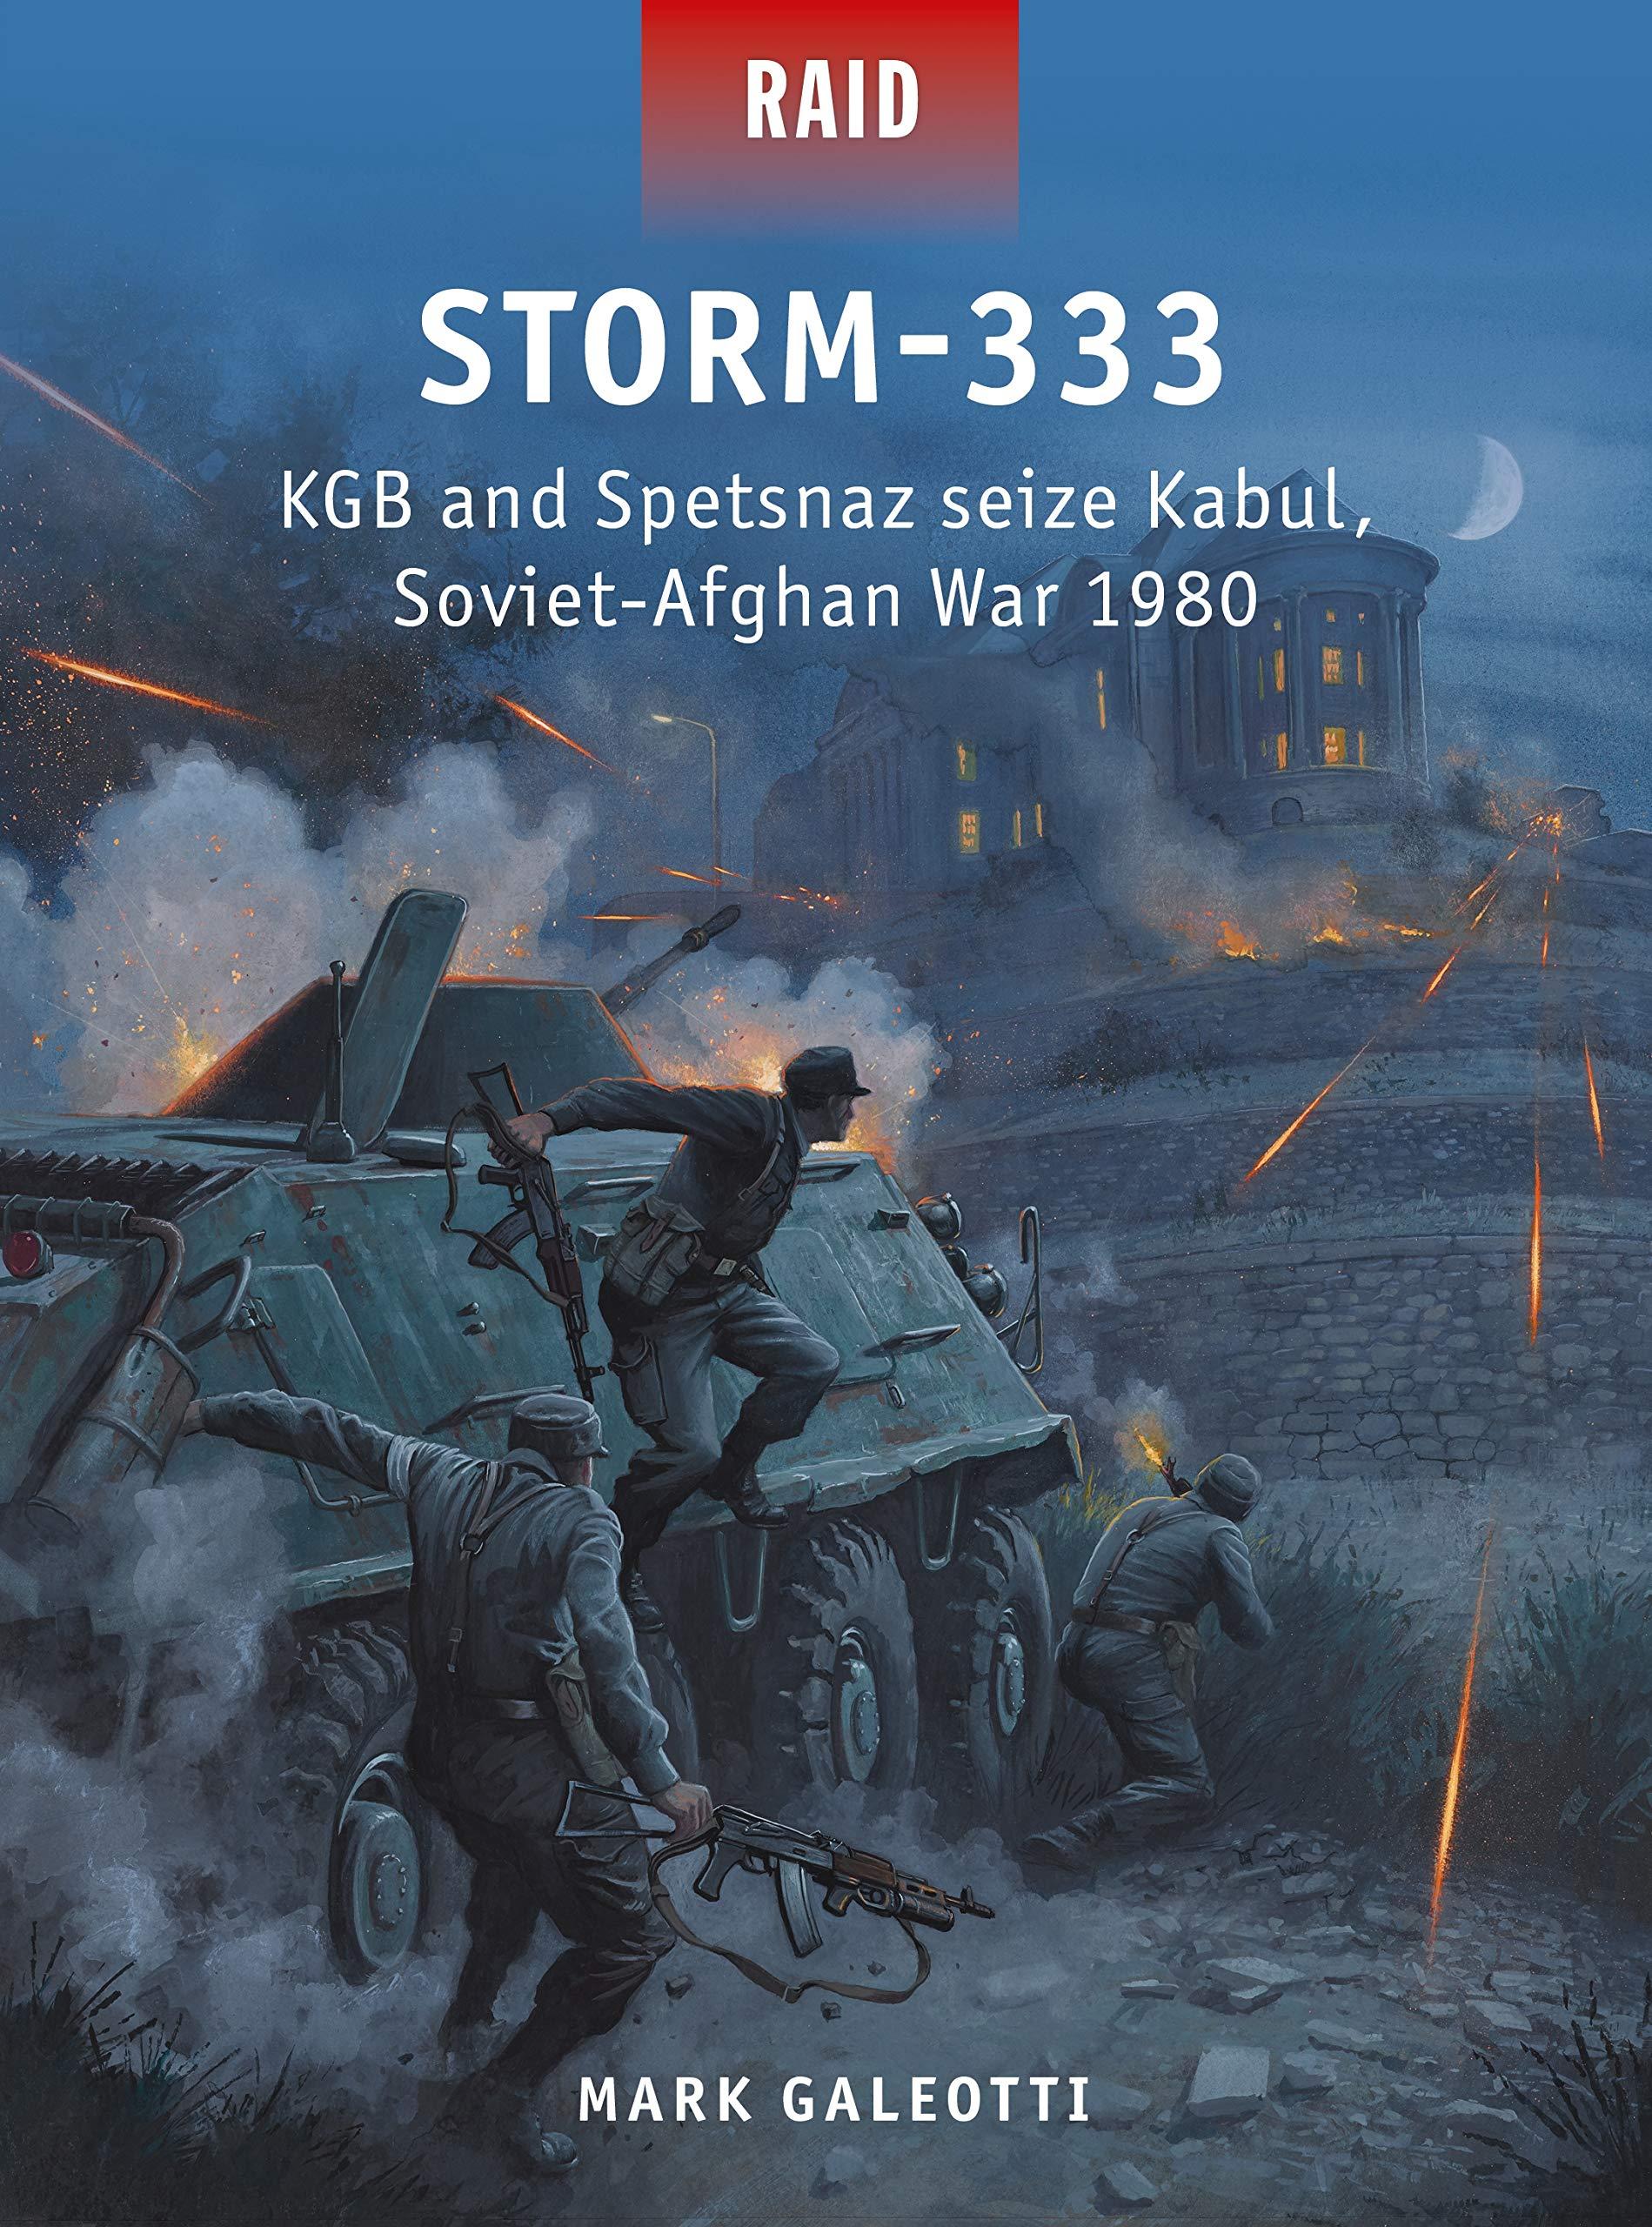 Storm-333: KGB and Spetsnaz seize Kabul, Soviet-Afghan War 1980